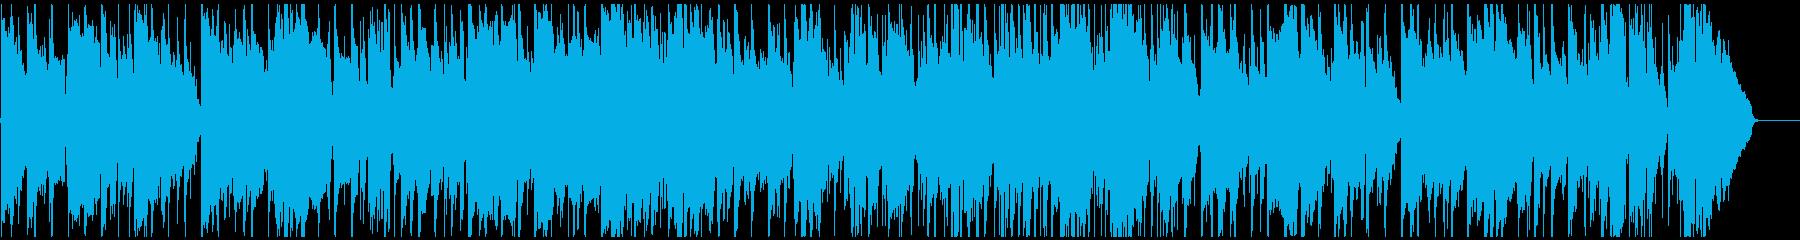 きよしこの夜/クリスマスジャズSax生録の再生済みの波形